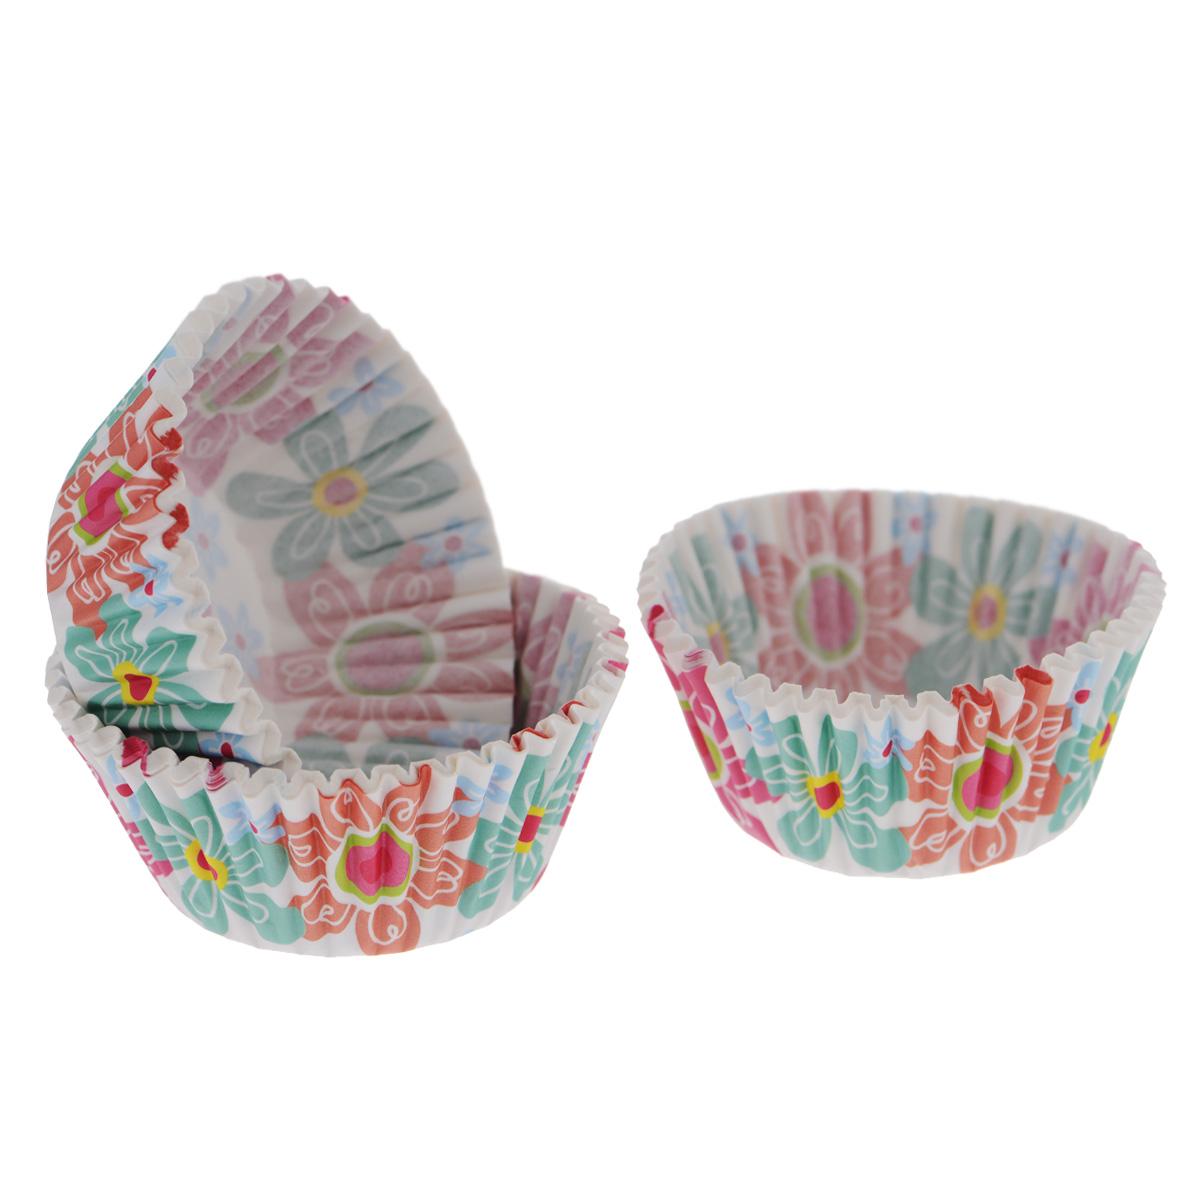 Набор бумажных форм для кексов Wilton Весна, диаметр 5 см, 75 шт бумажные формы для куличей тверь